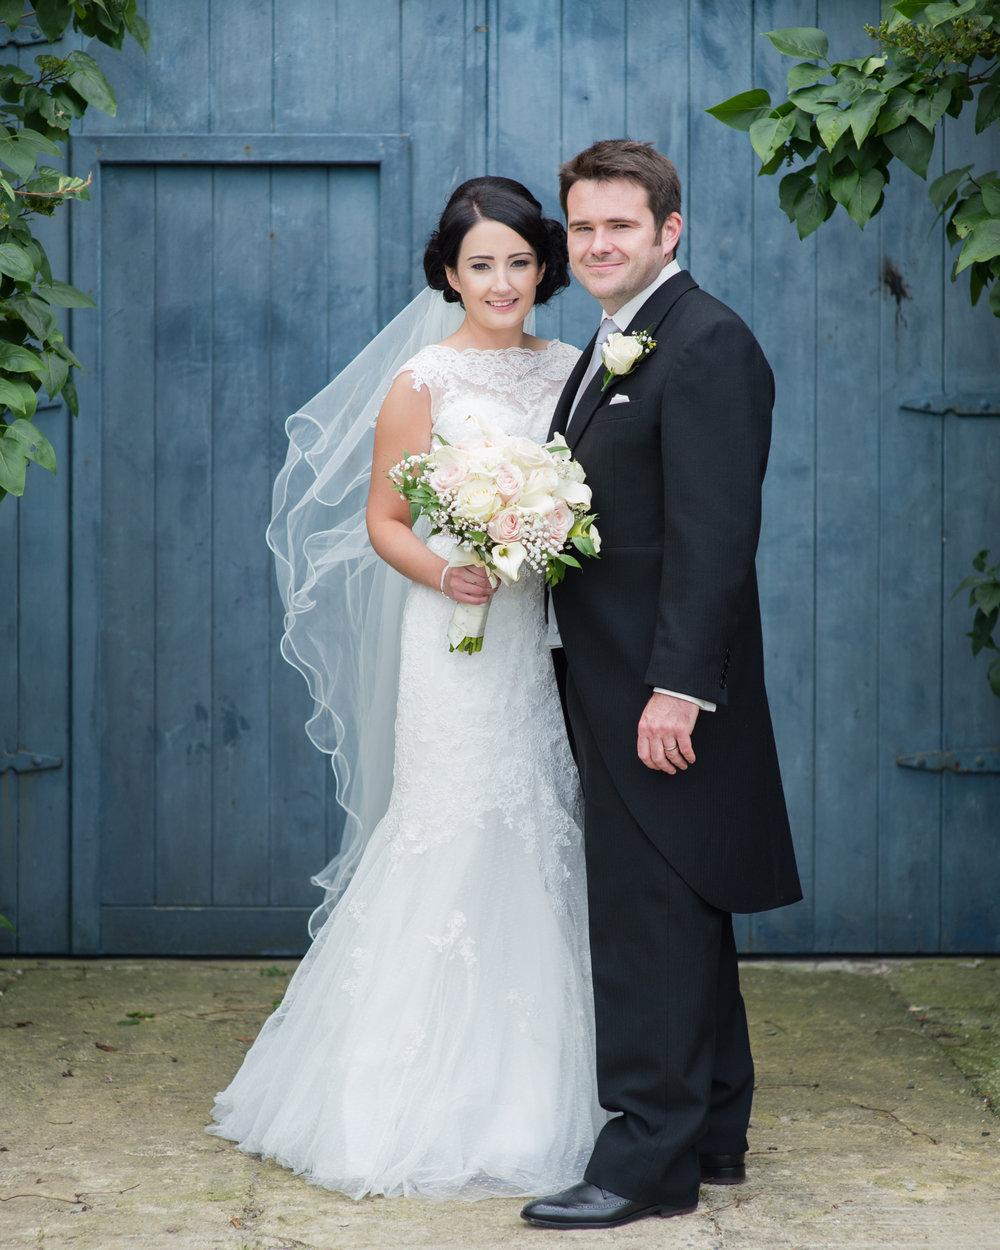 Michael Gill Photography Ramelton Wedding Beech HIll 08.JPG